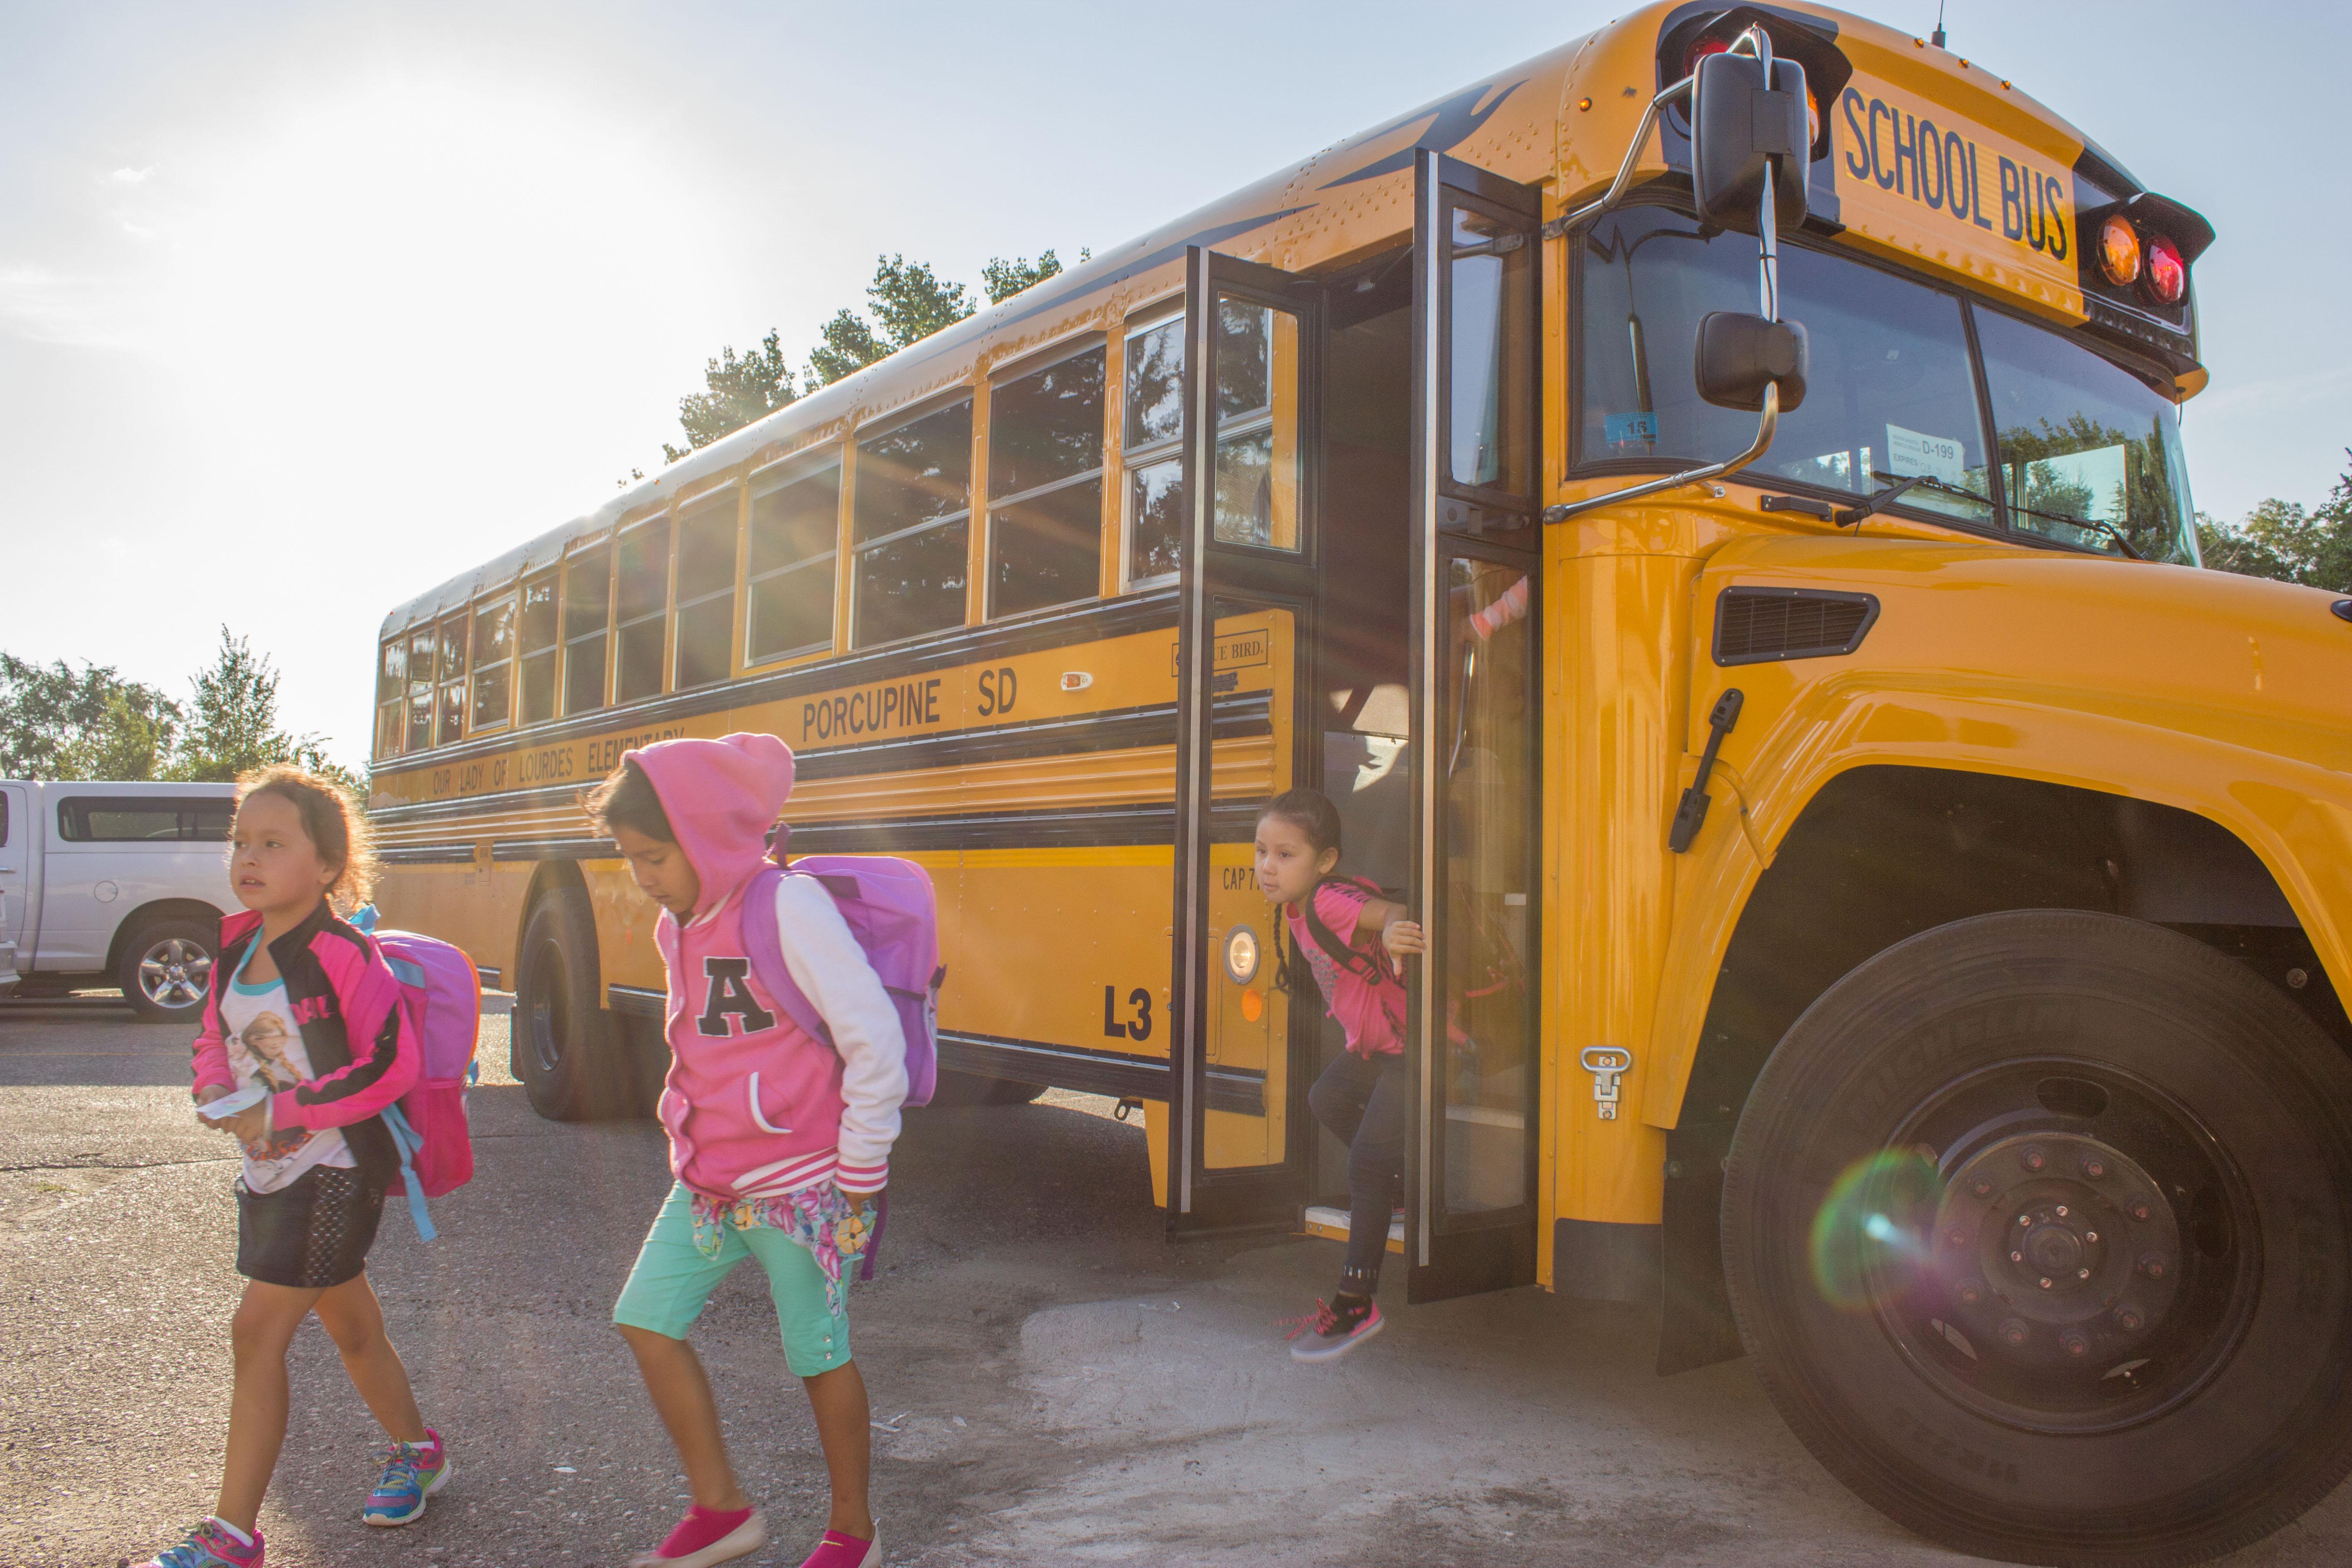 kids off school bus